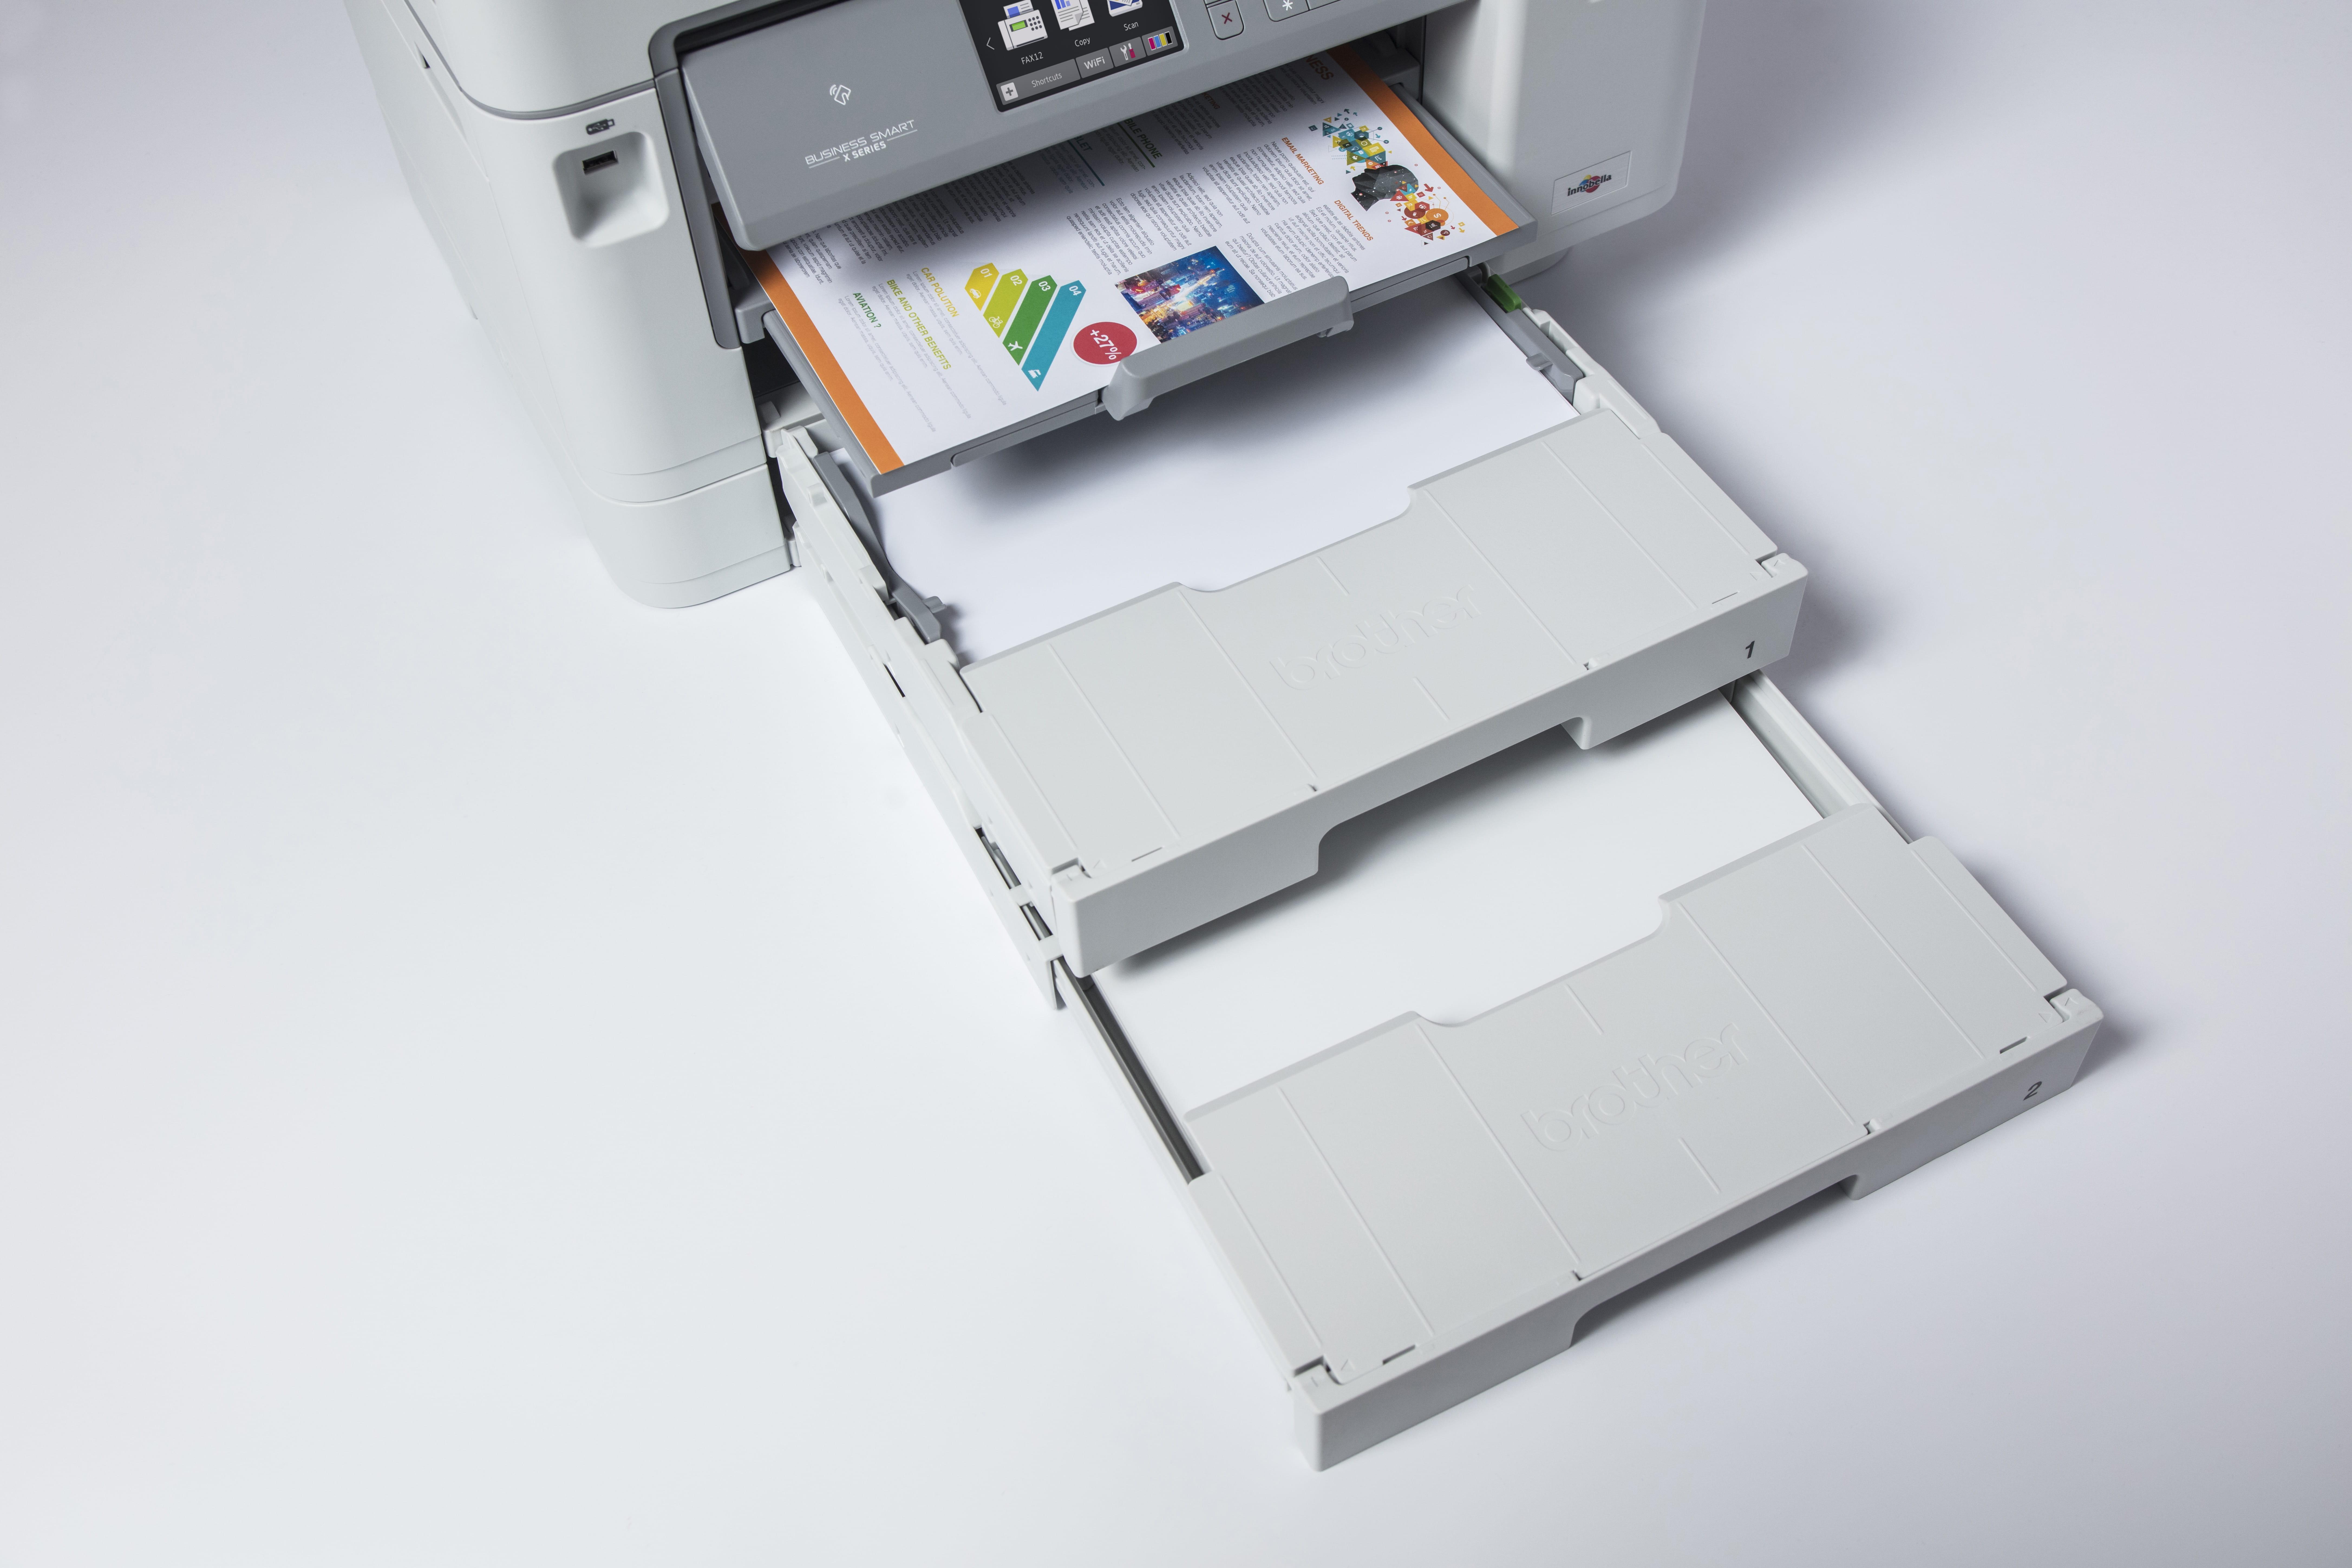 Brother MFC J5945DW multifunksjon blekkskriver med to papirmagasin og flerbruksskuff